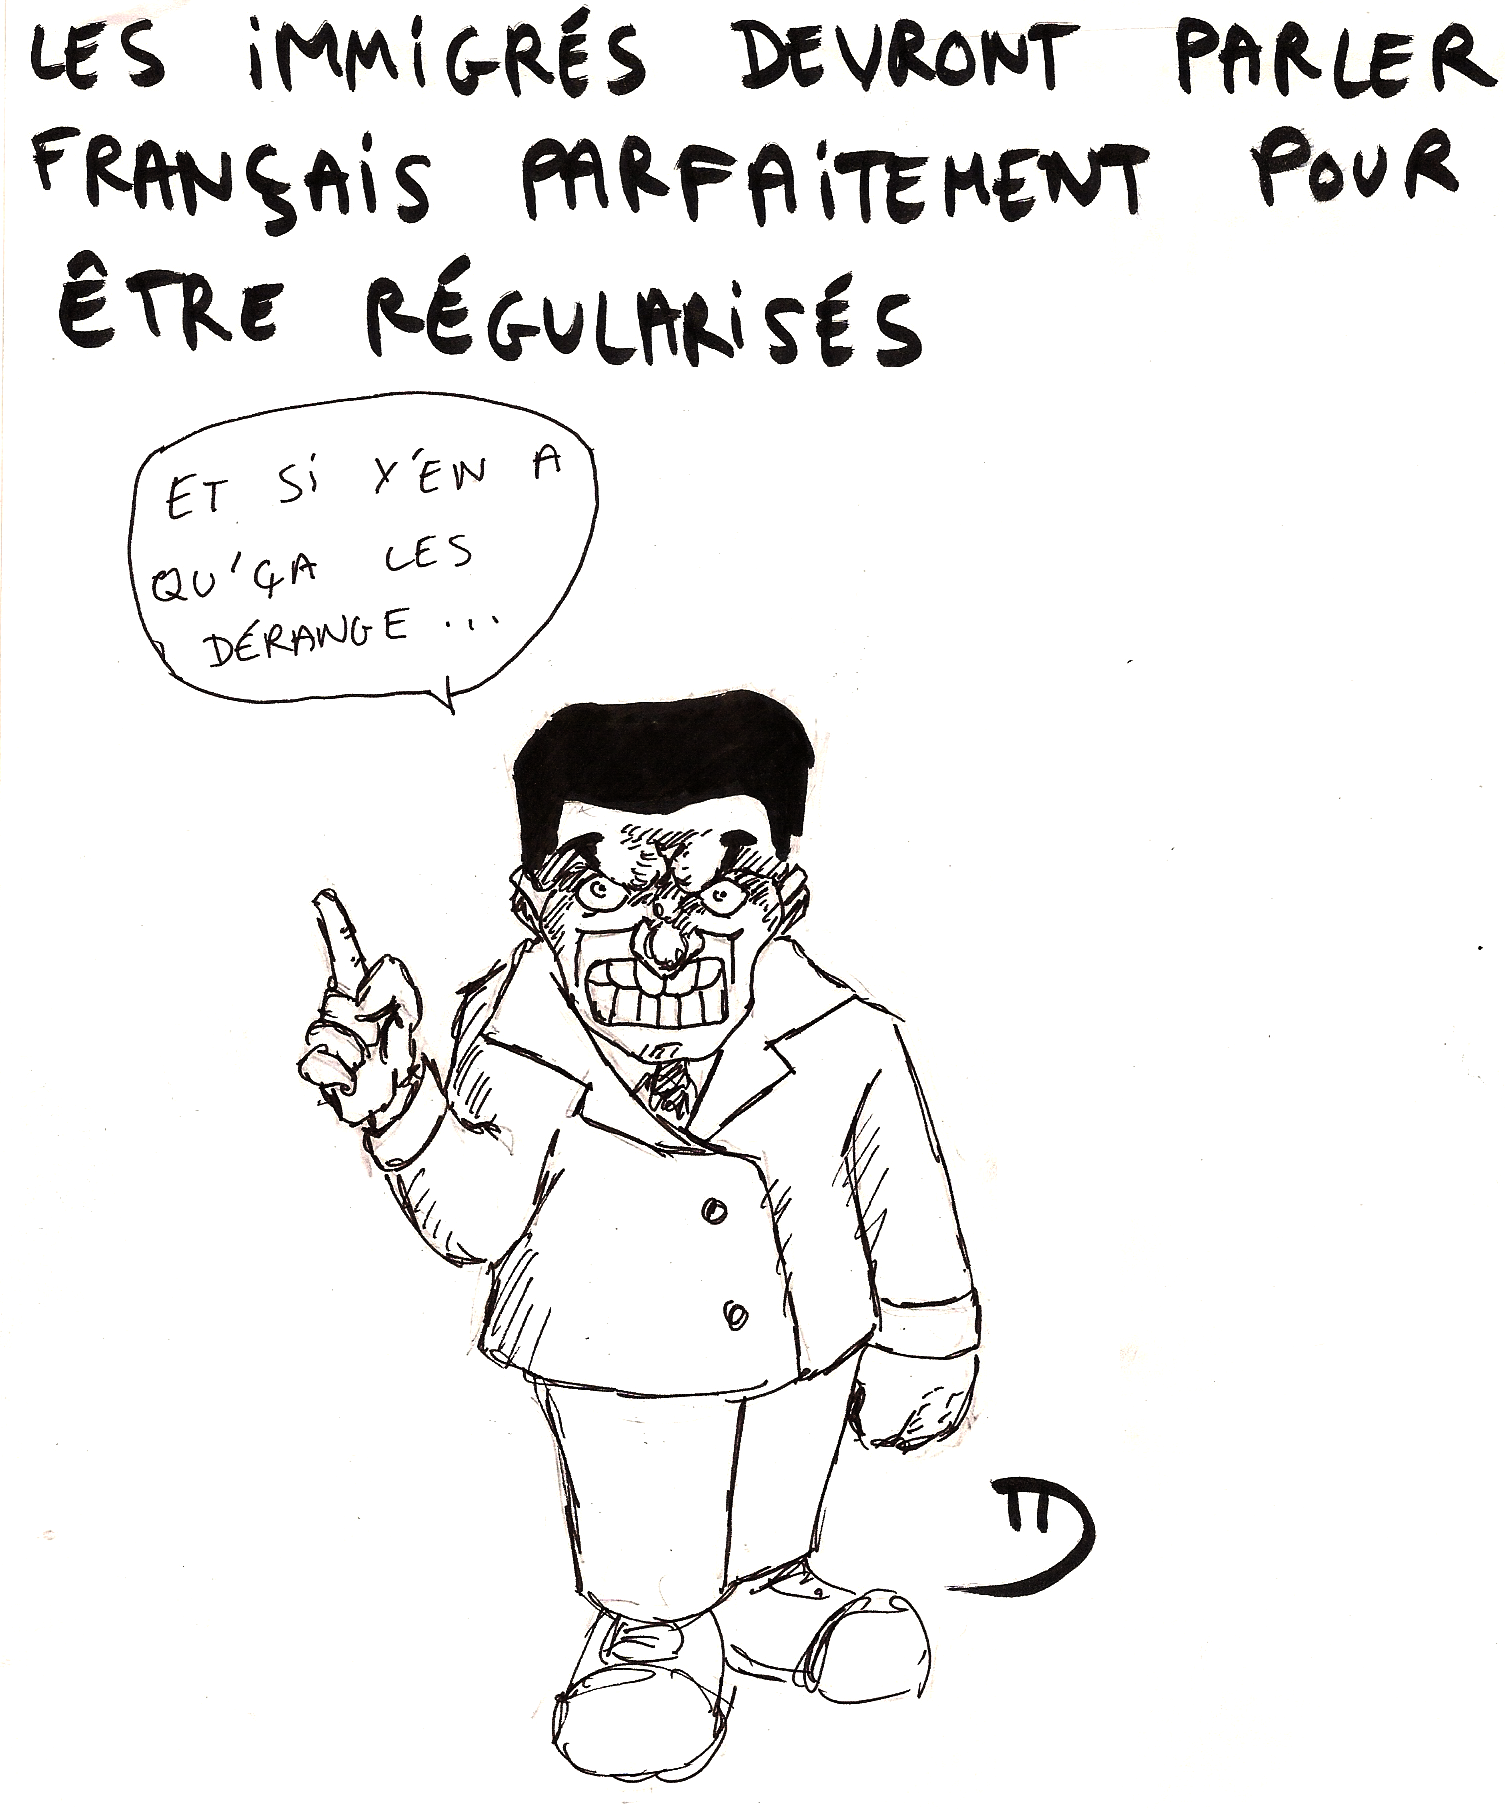 parlerfranais.png